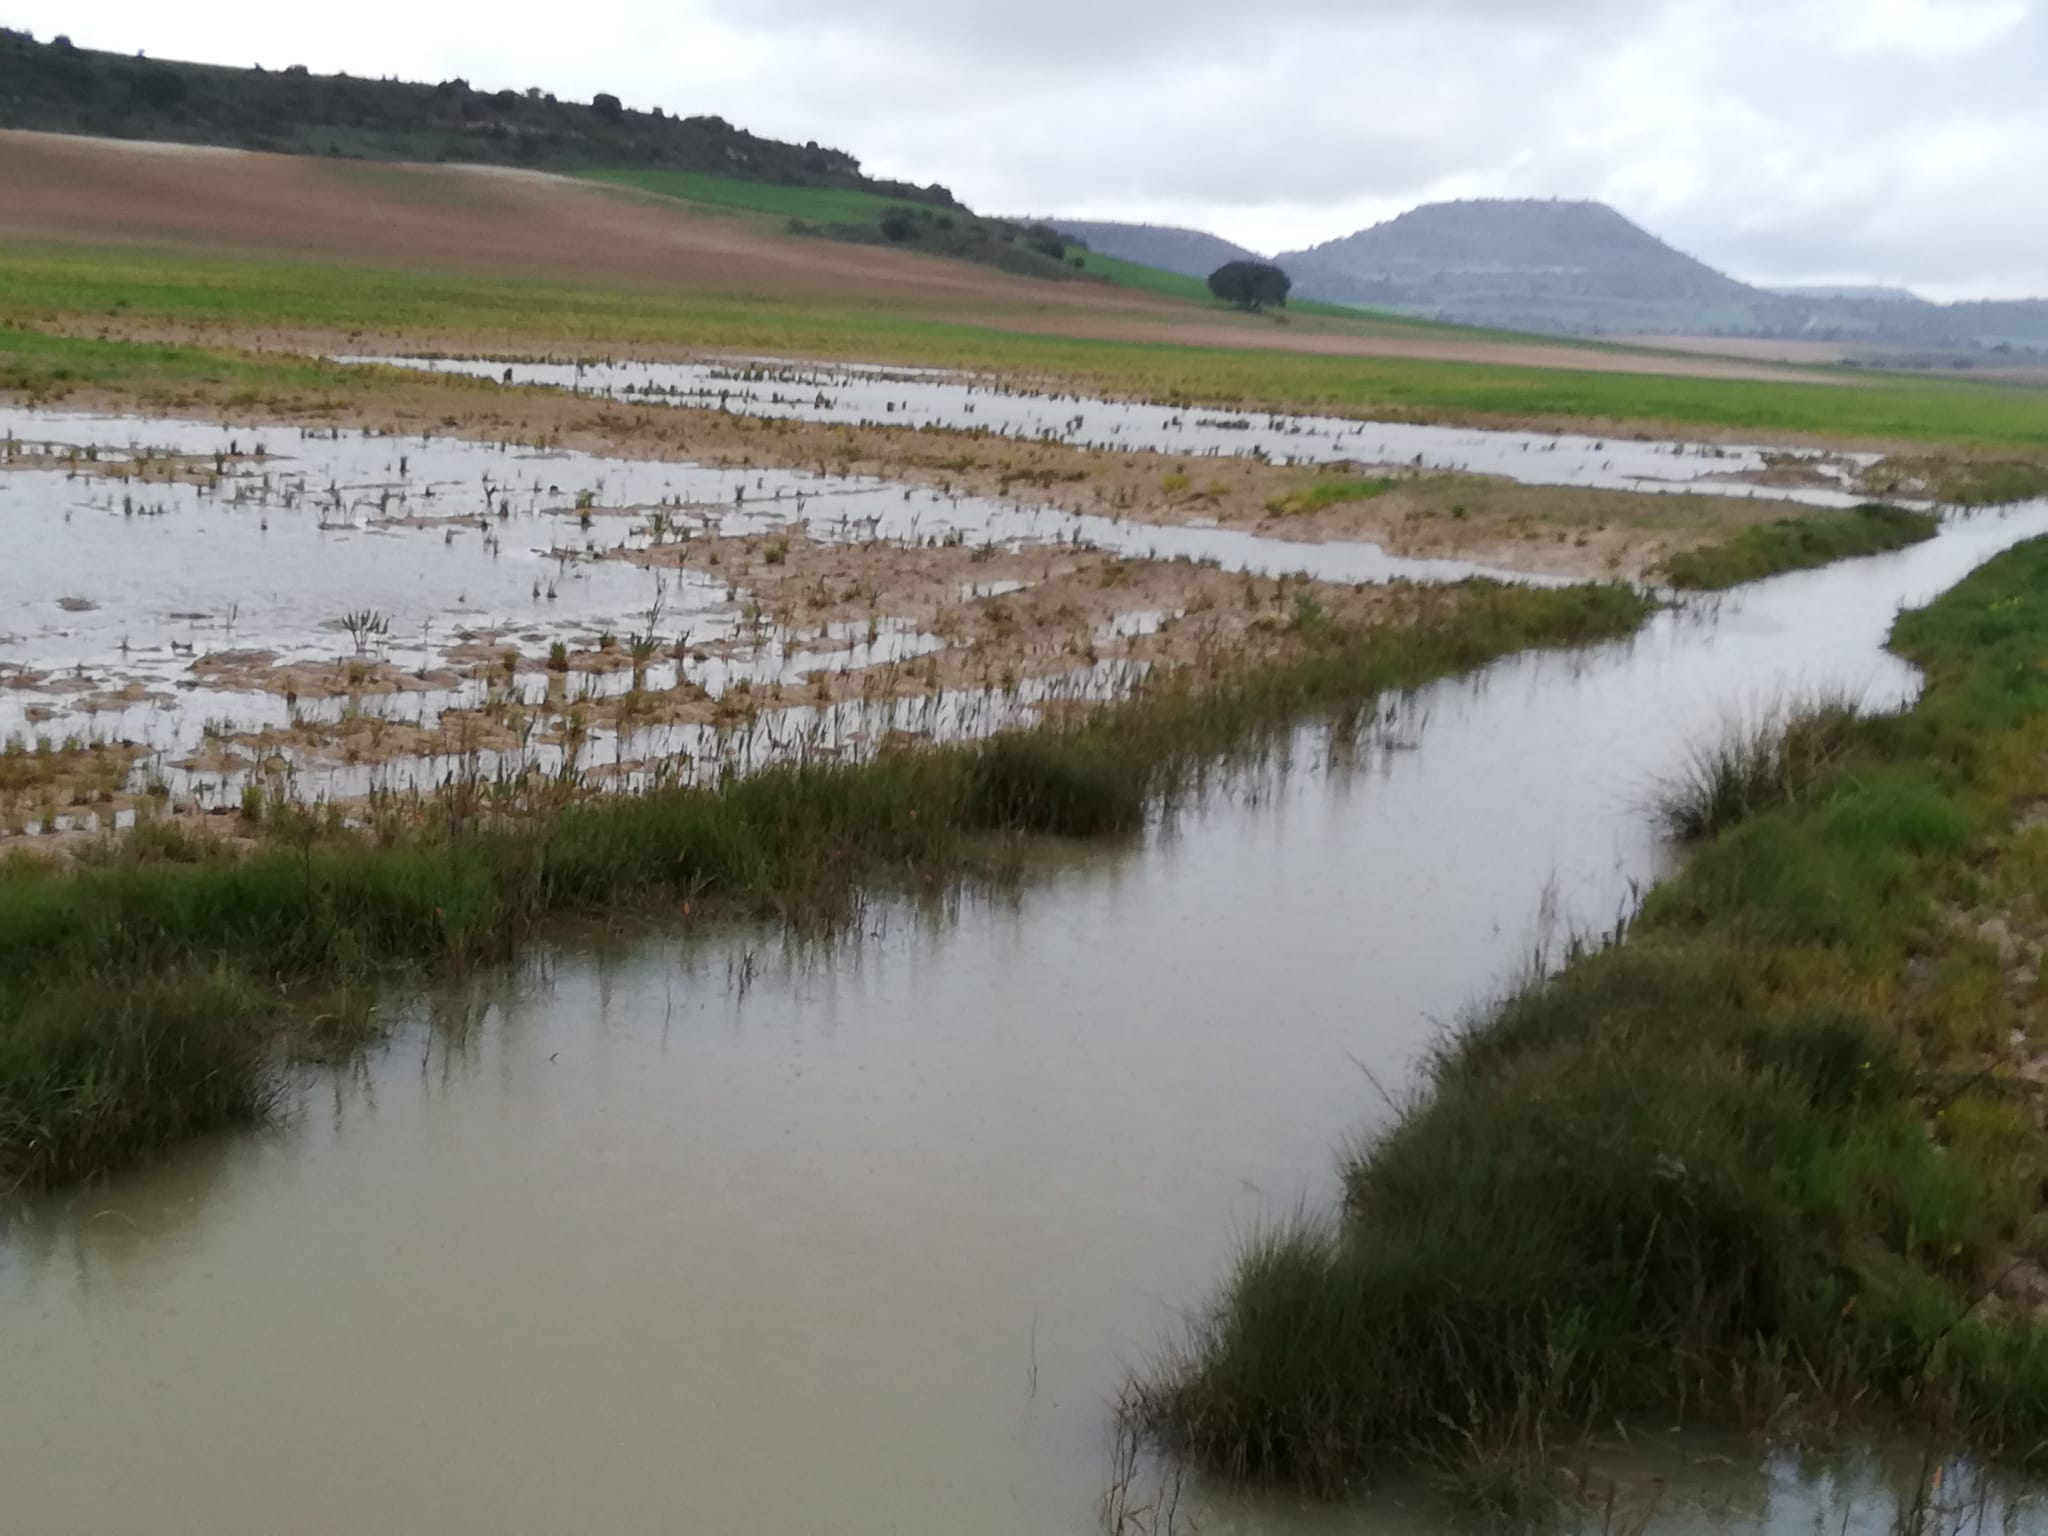 Los agricultores reclaman soluciones a las confederaciones ante la falta de limpieza en los cauces que provoca inundaciones de parcelas